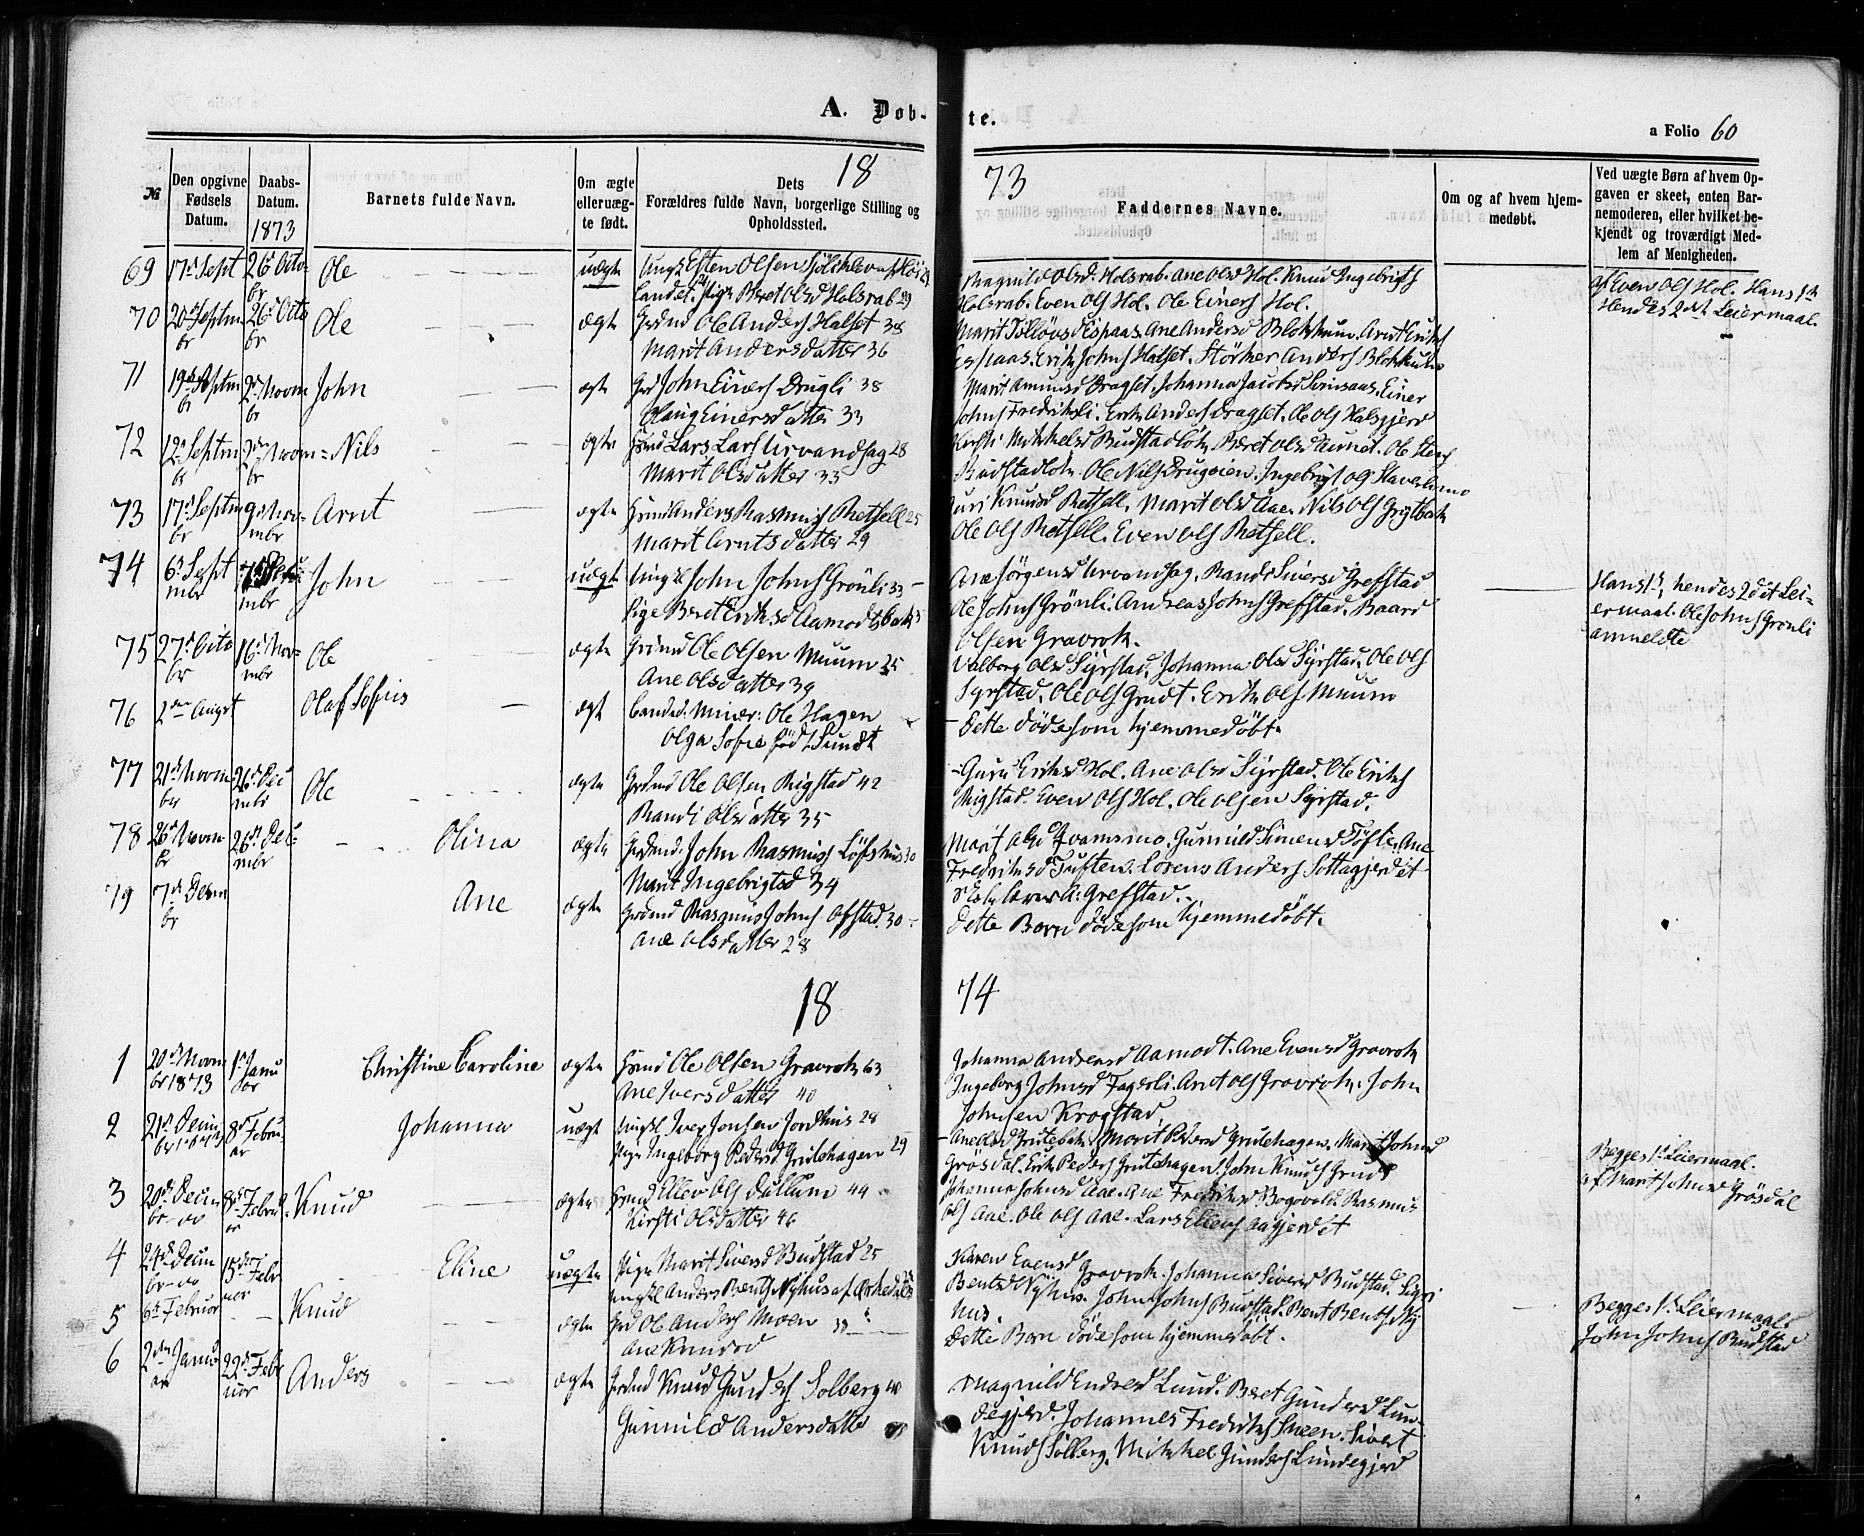 SAT, Ministerialprotokoller, klokkerbøker og fødselsregistre - Sør-Trøndelag, 672/L0856: Ministerialbok nr. 672A08, 1861-1881, s. 60